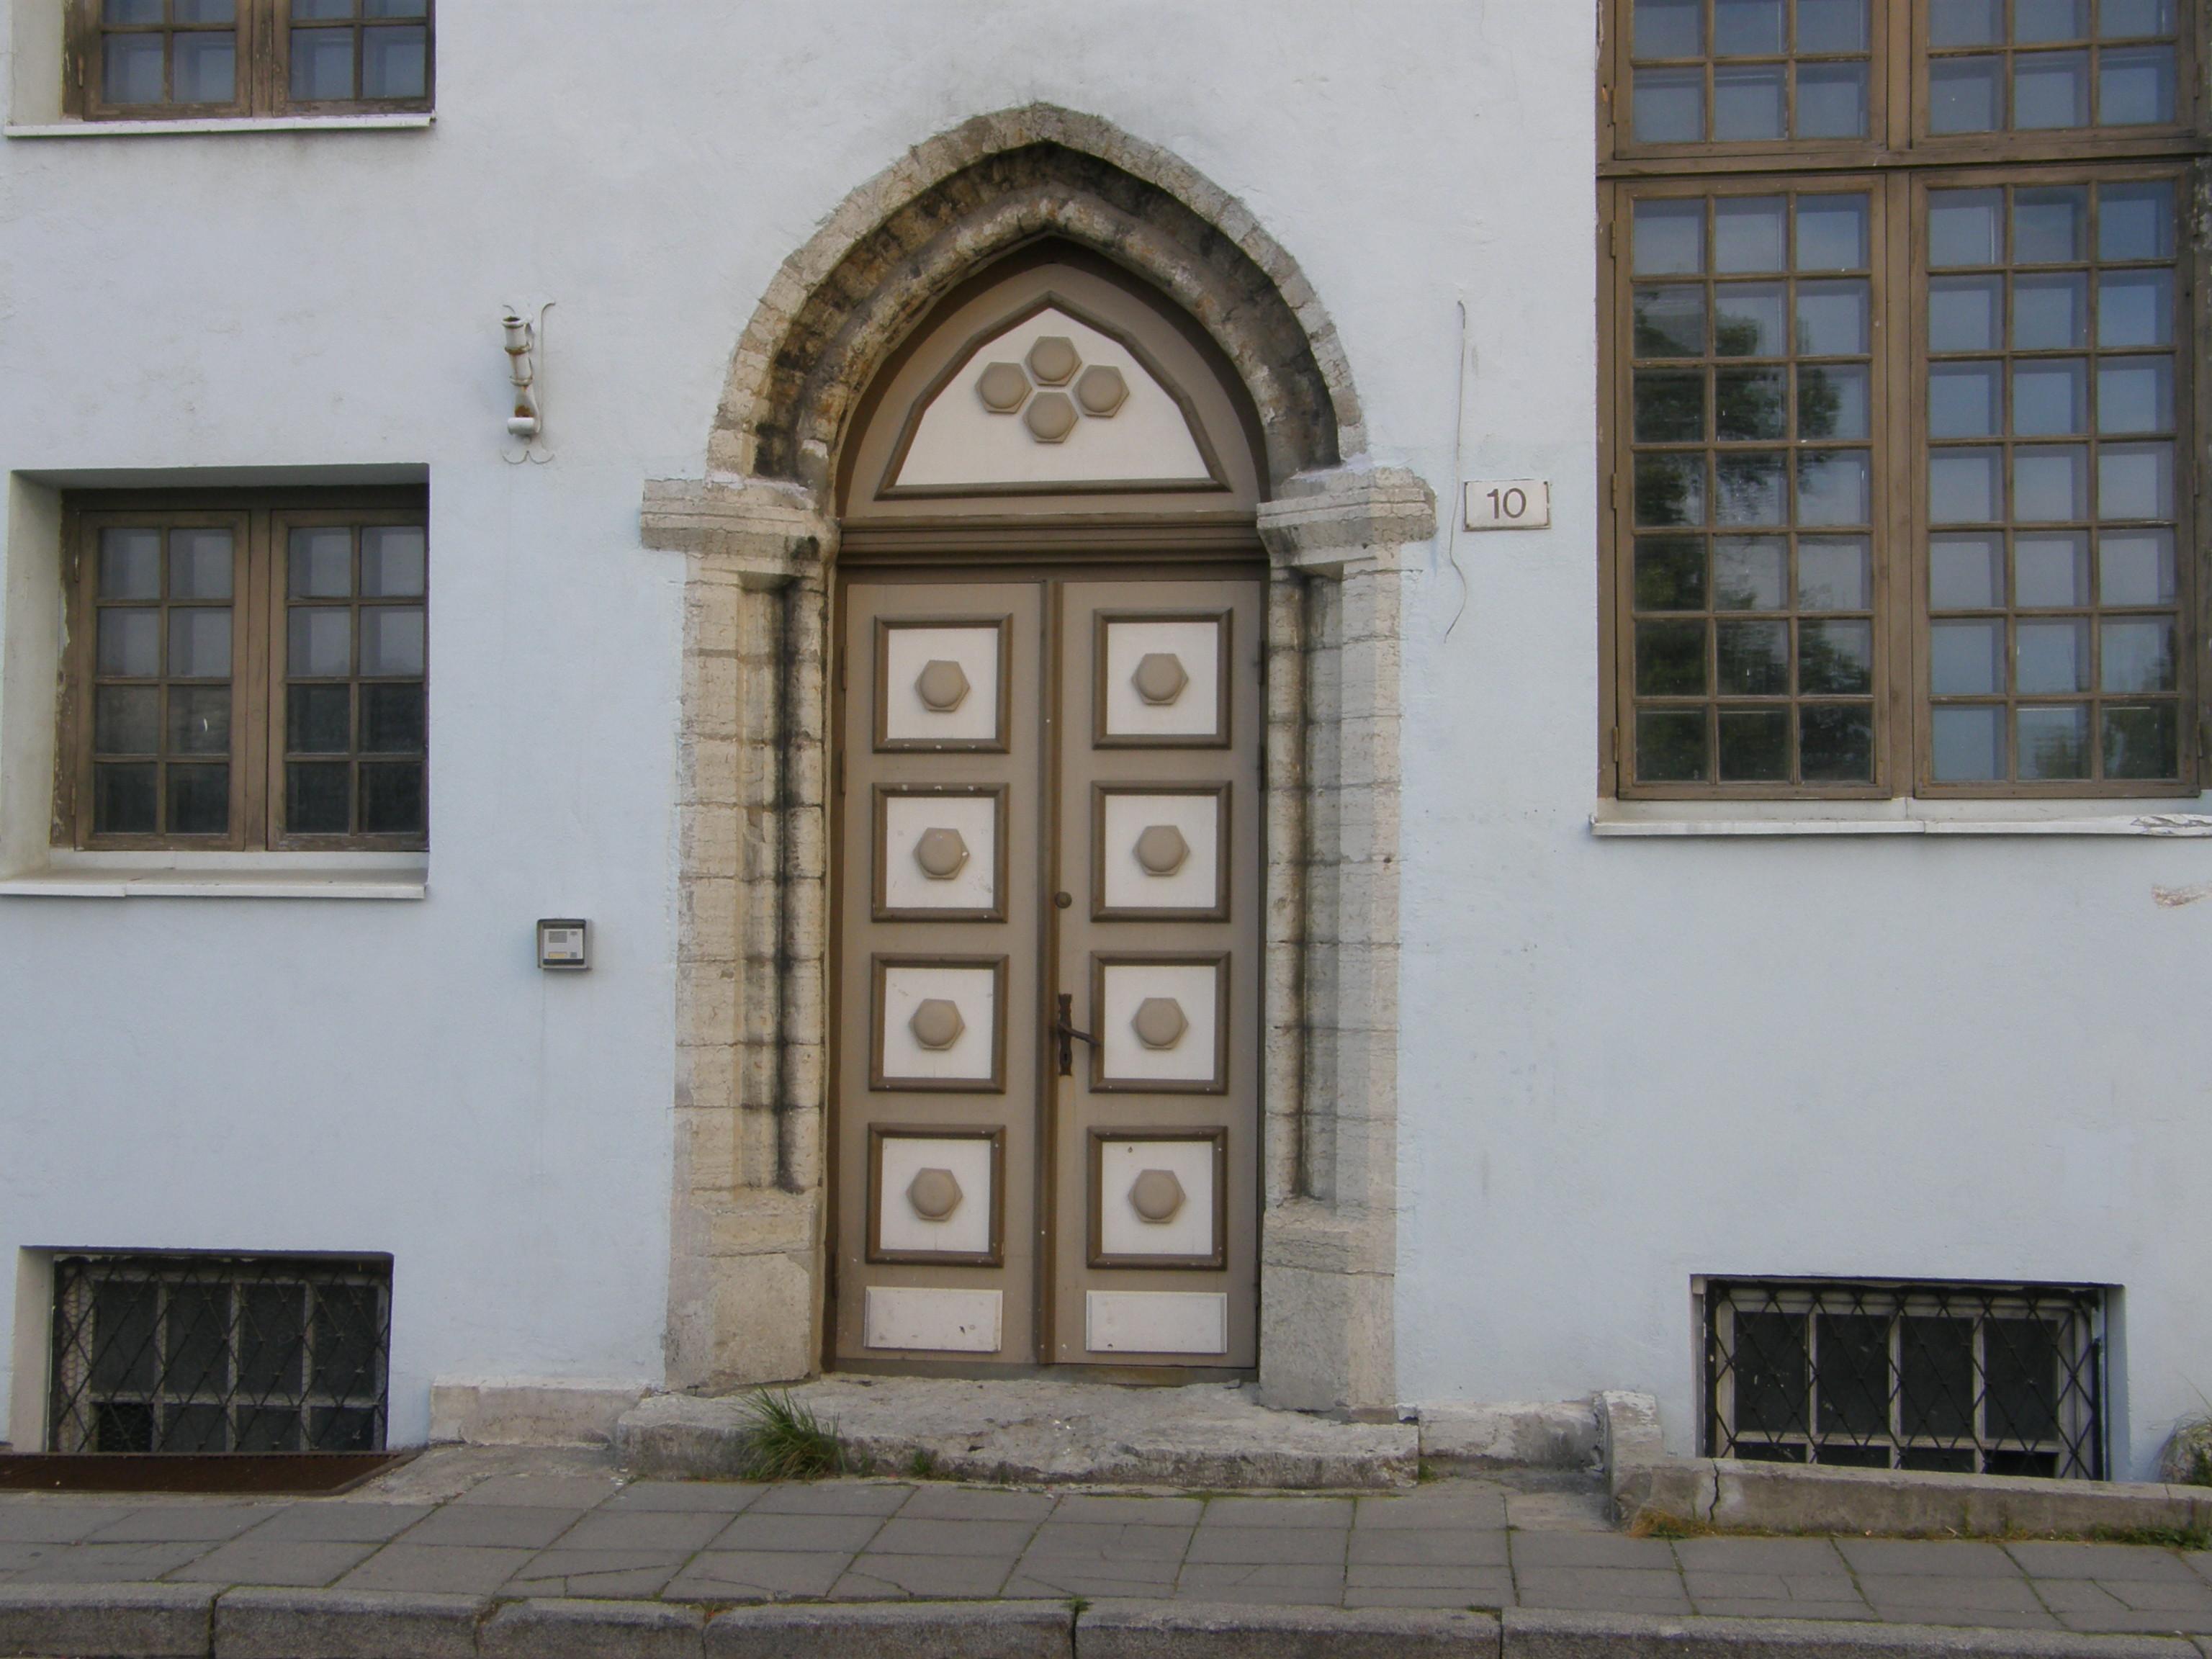 Kuusnurkadega kaunistatud uks Rüütli tänaval Tallinnas.